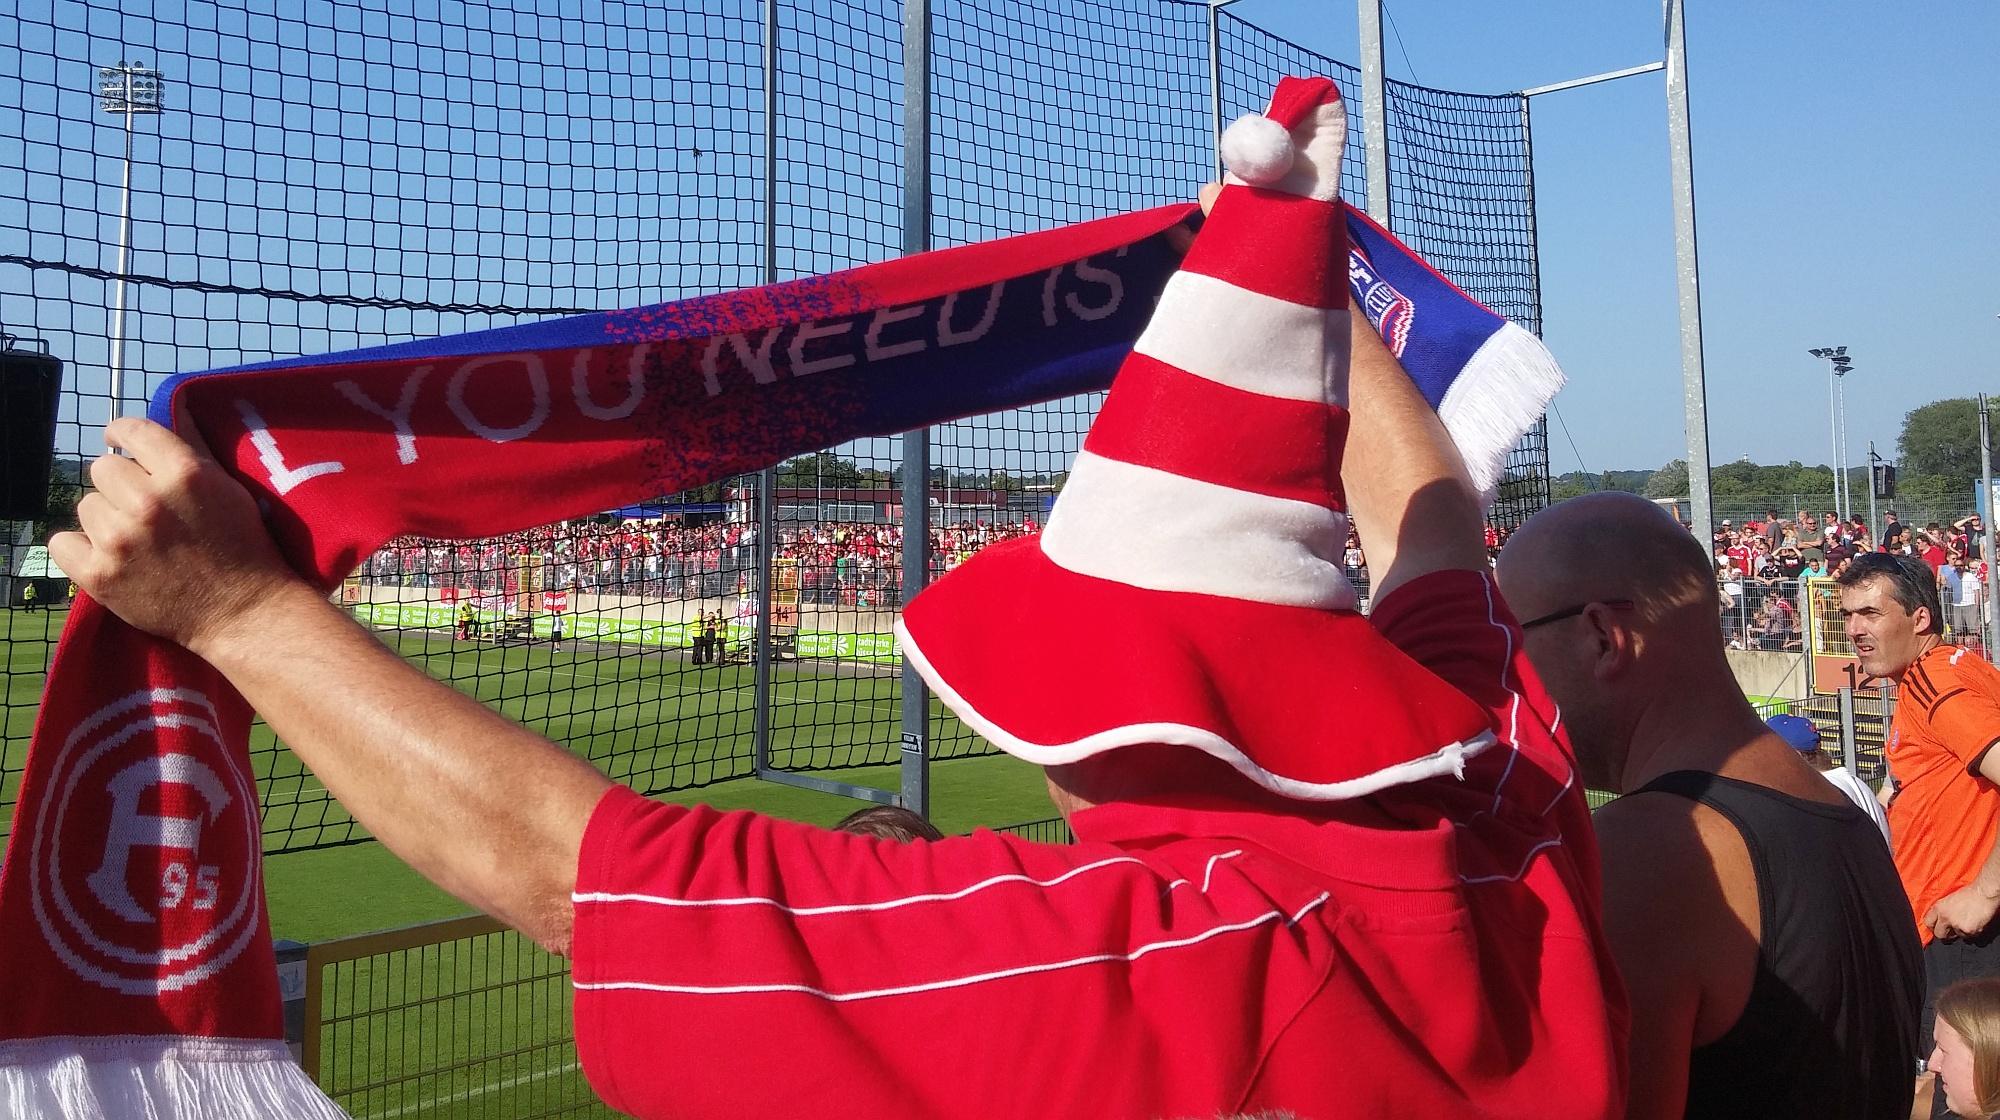 F95 vs ITFC - Endlich Fußball: Fanschal auf der Südtribüne im PJS